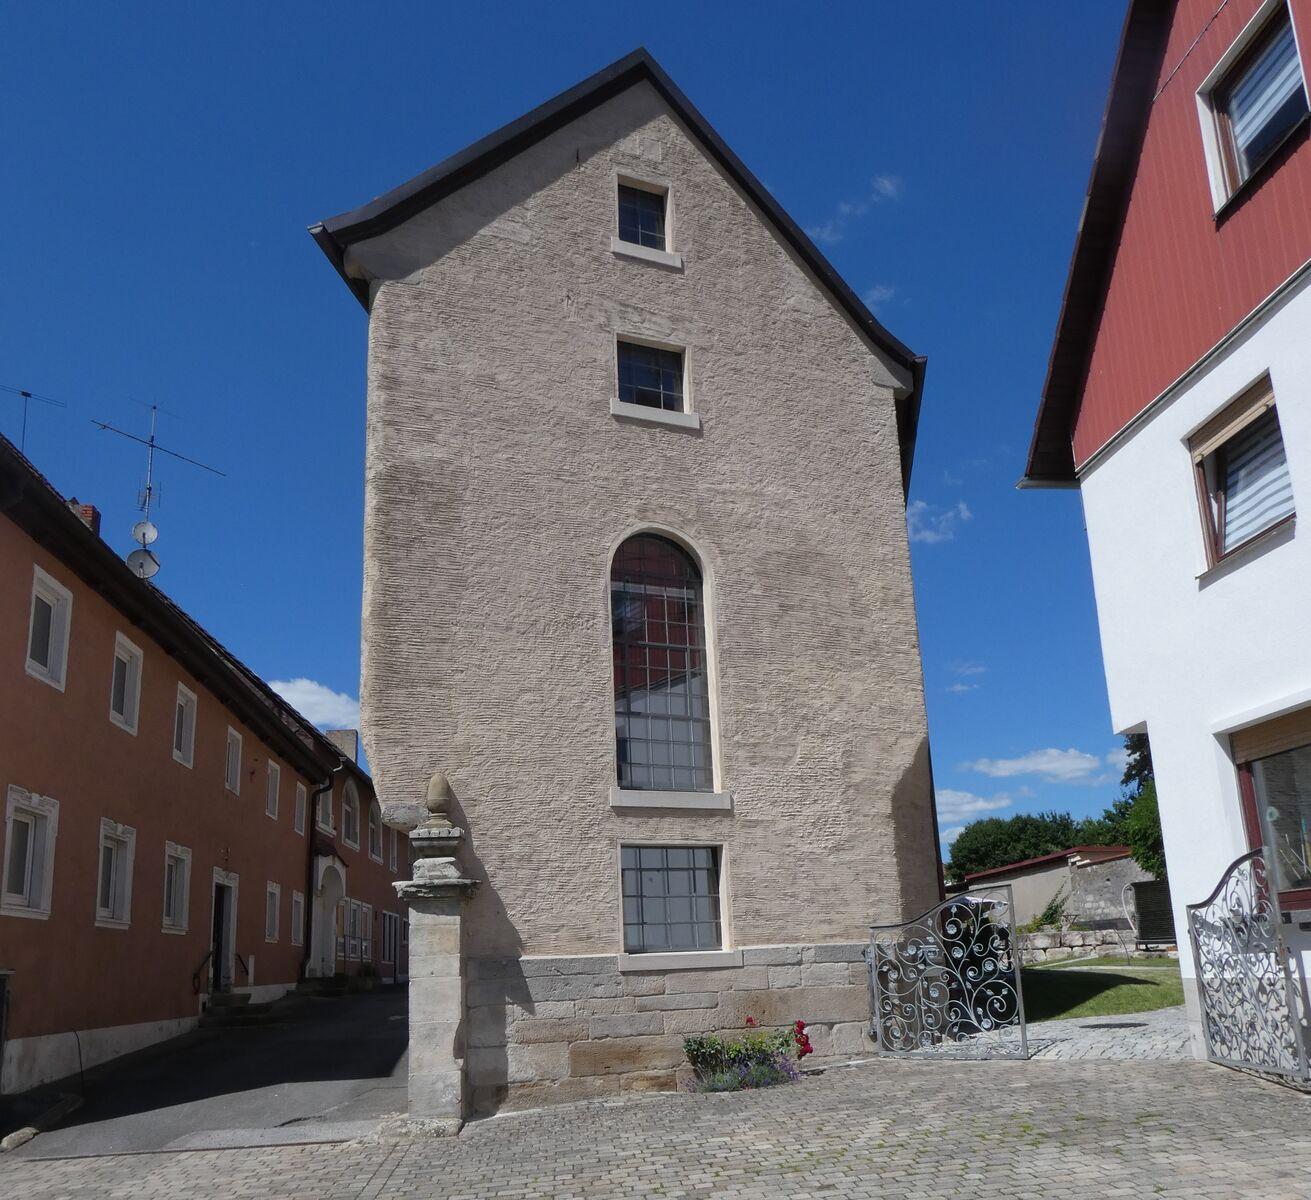 Alte Brauerei Landkreis Haßberge